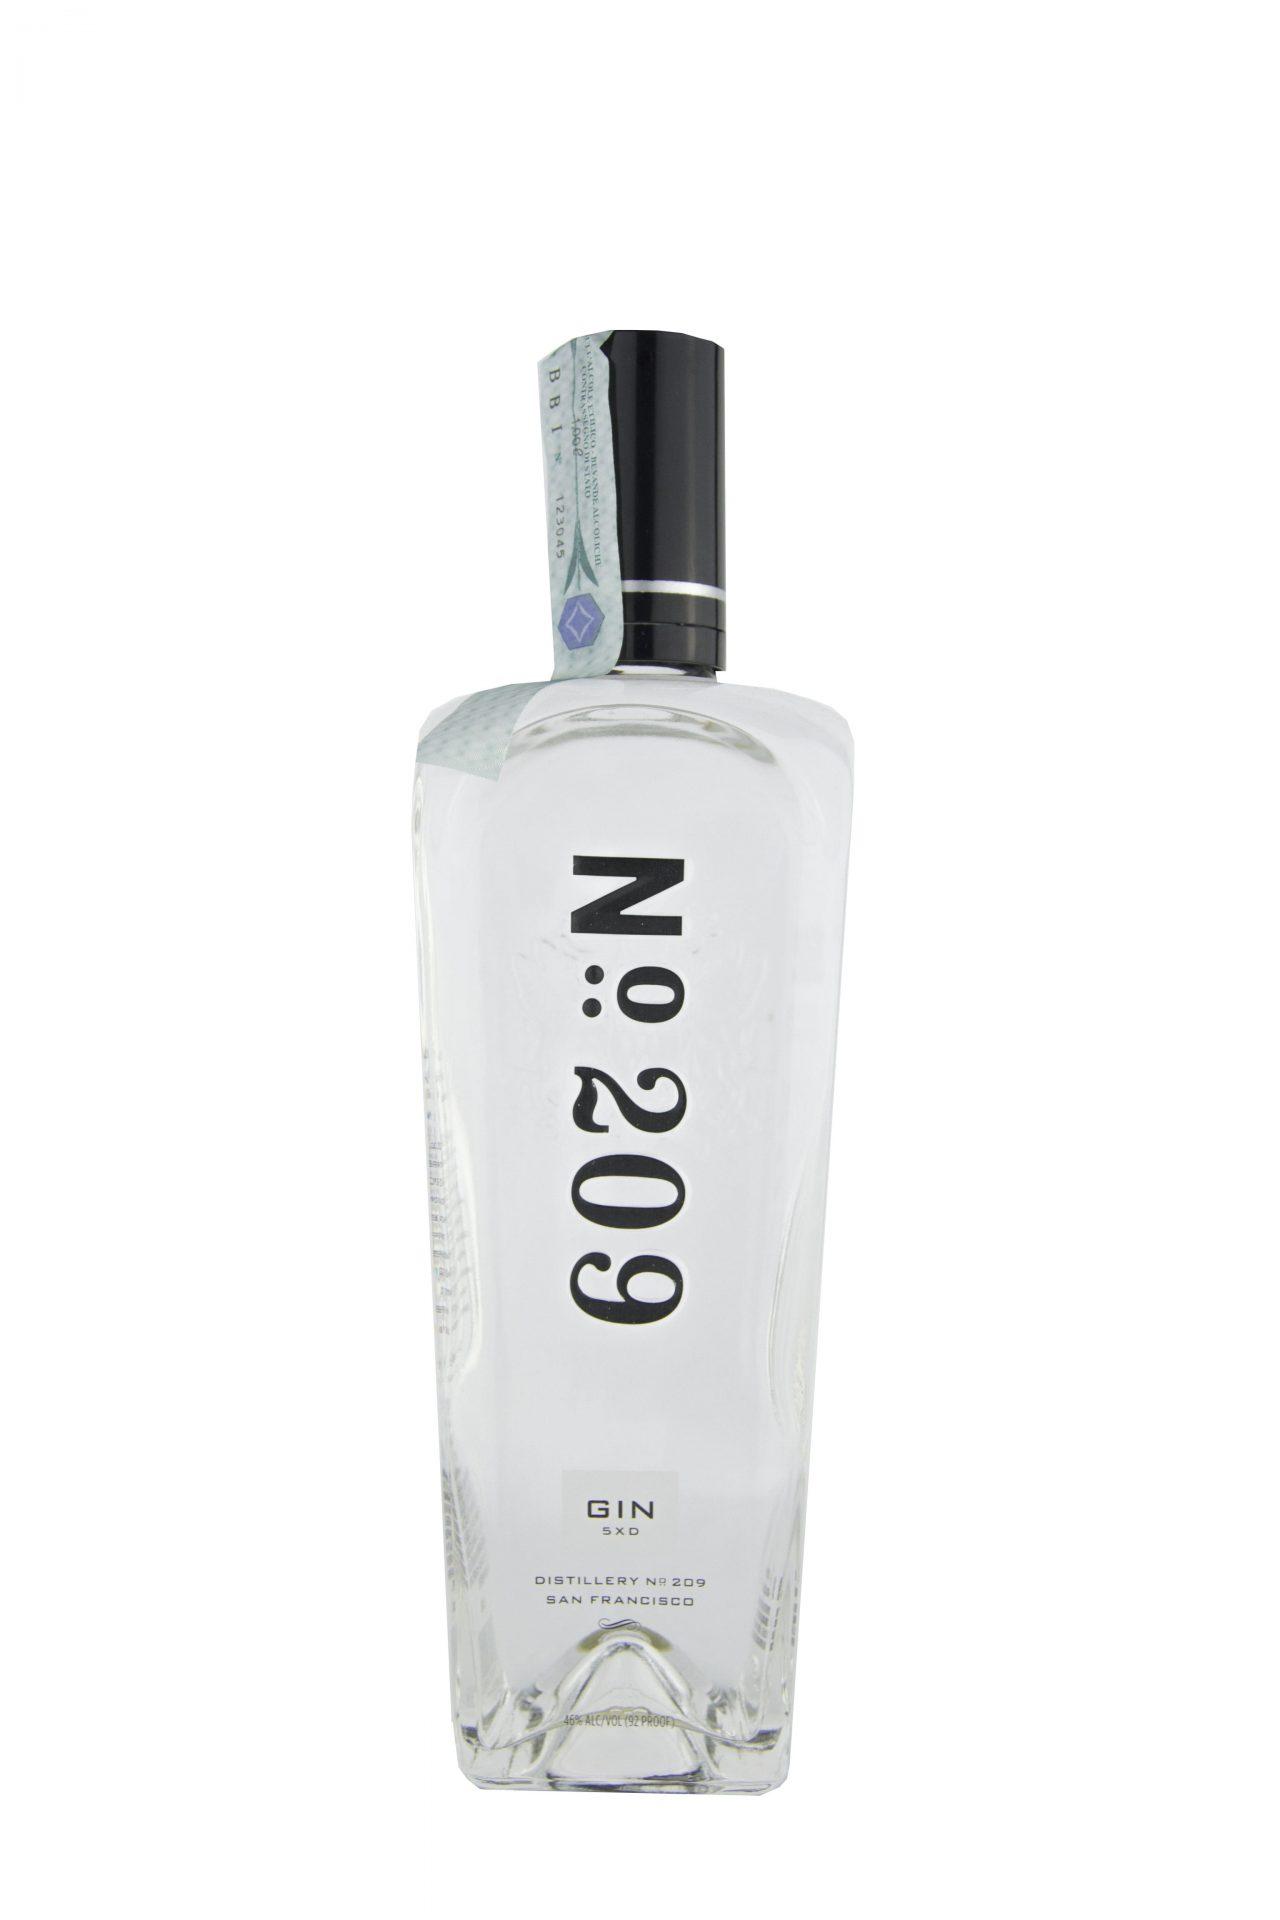 N°209 – Gin